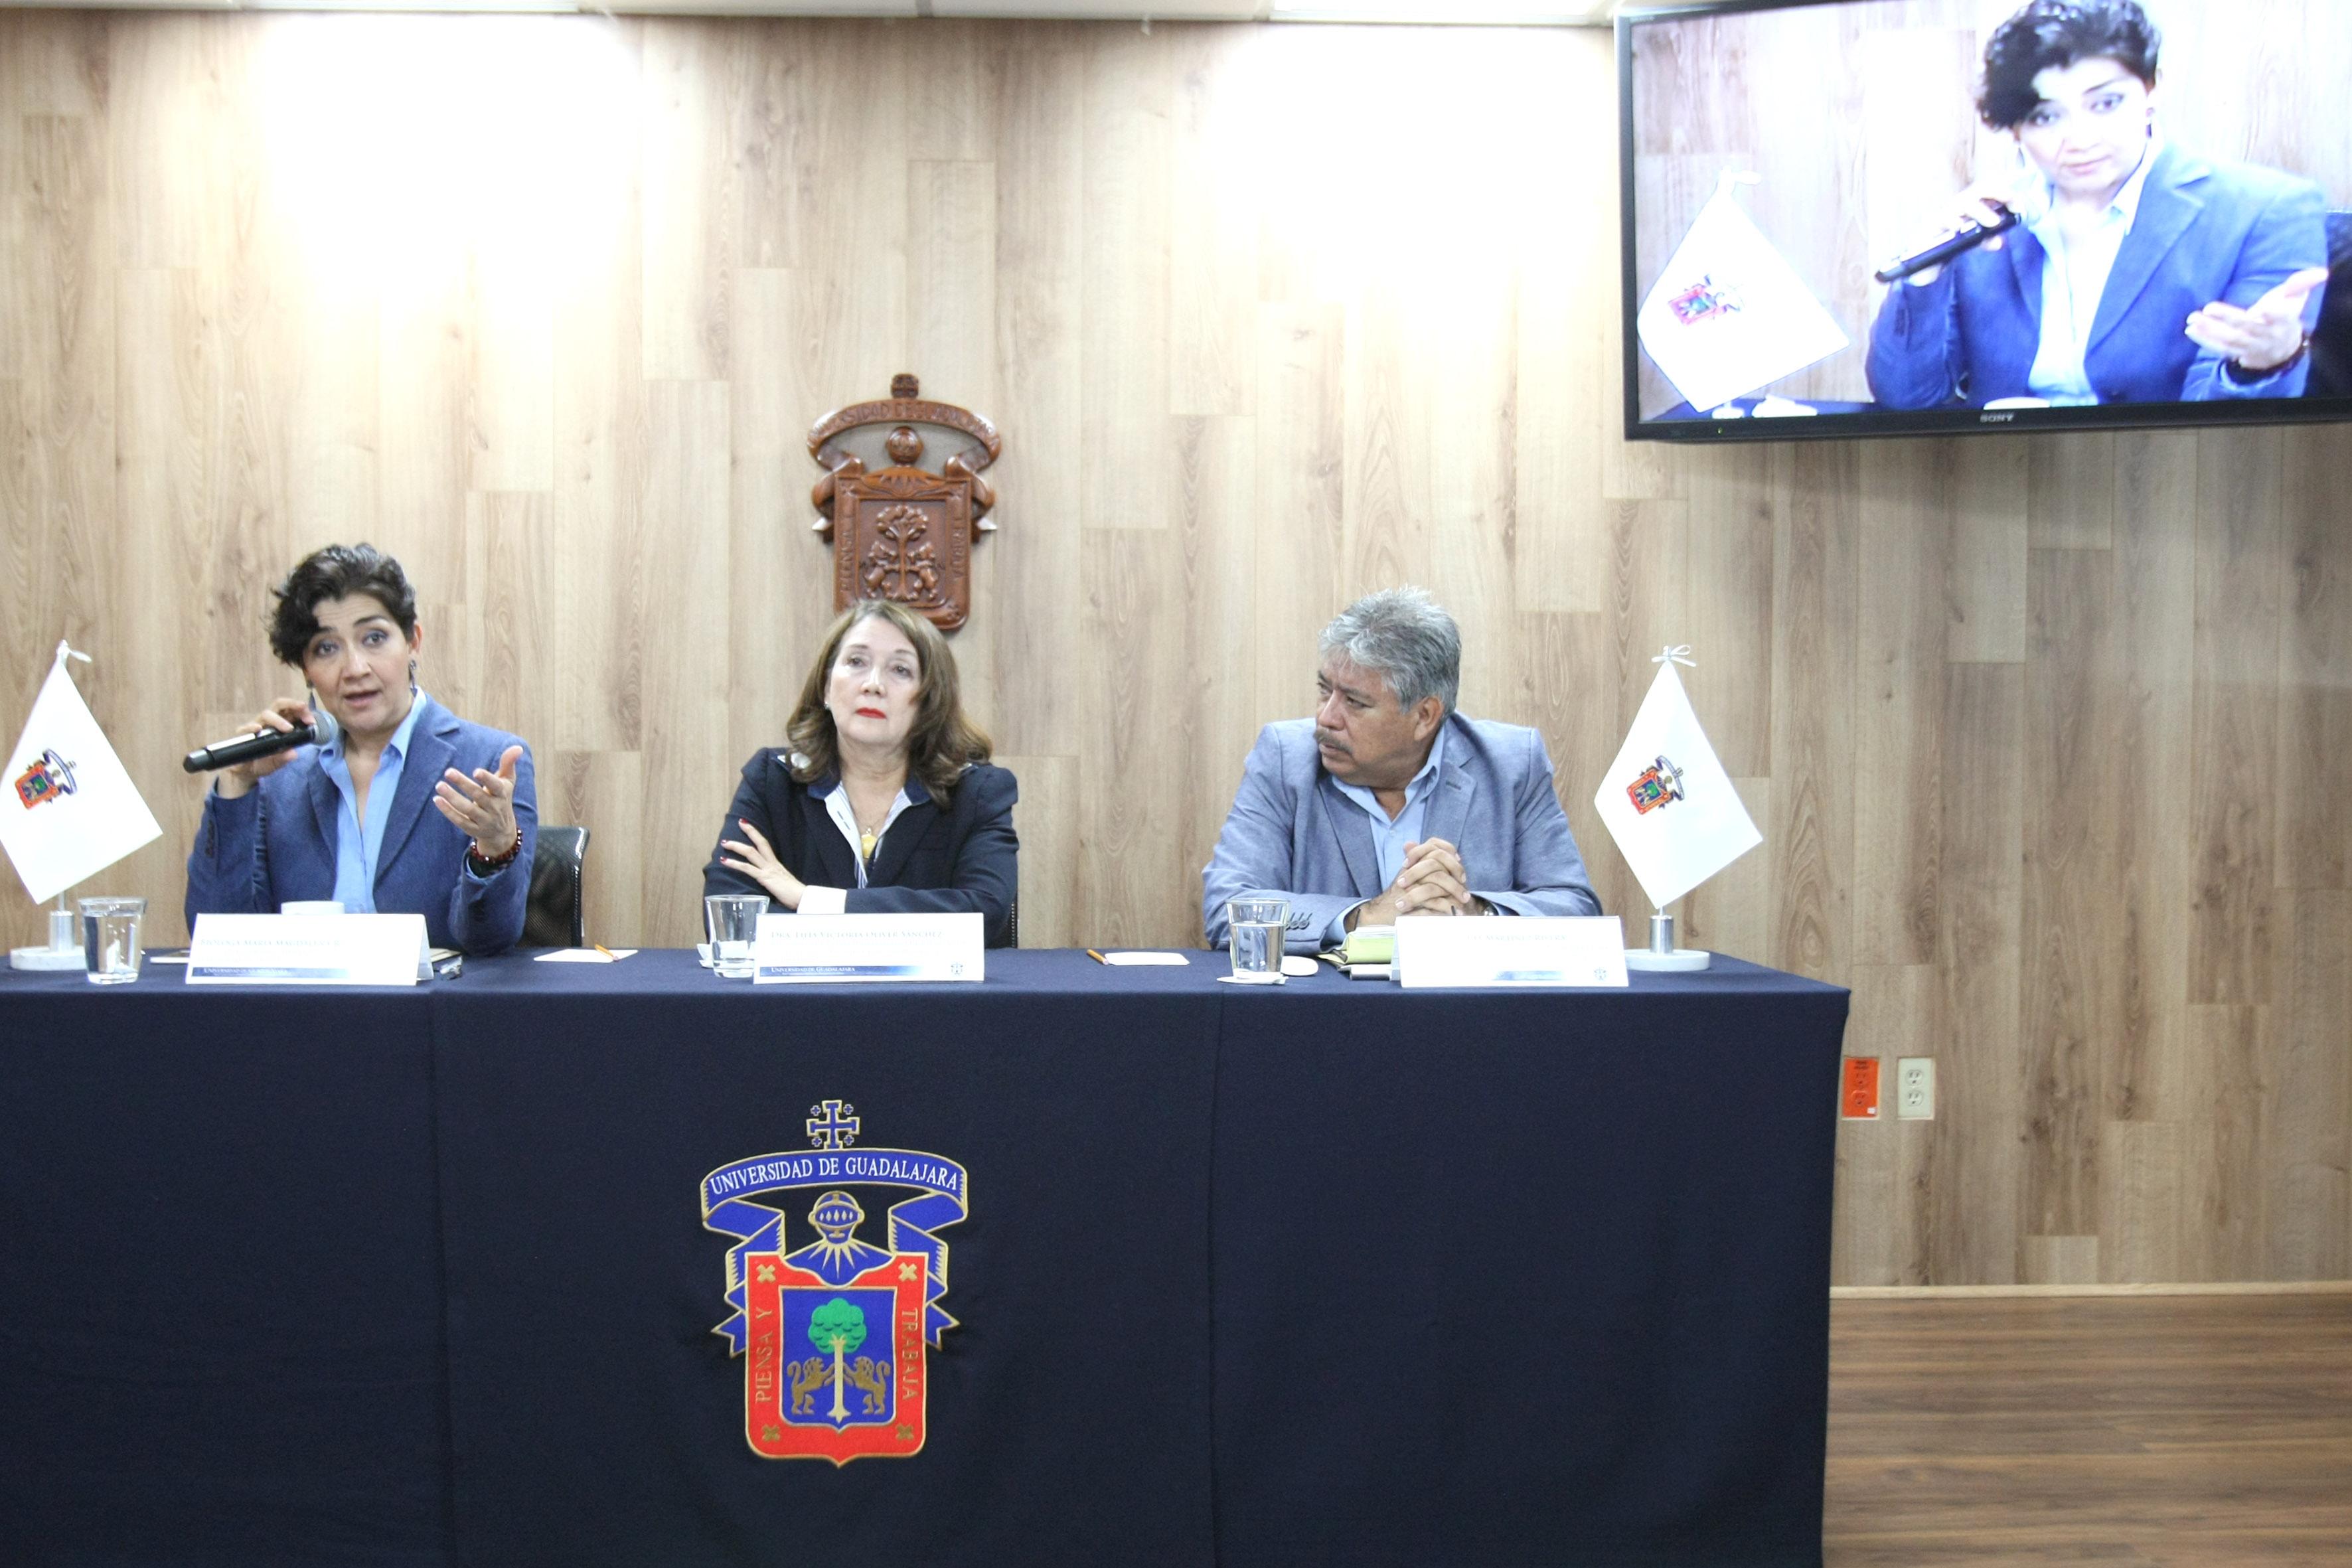 Frente al micrófono la bióloga María Magdalena Ruiz Mejía, titular de la Secretaría de Medio Ambiente y Desarrollo Territorial (Semadet) de Jalisco.